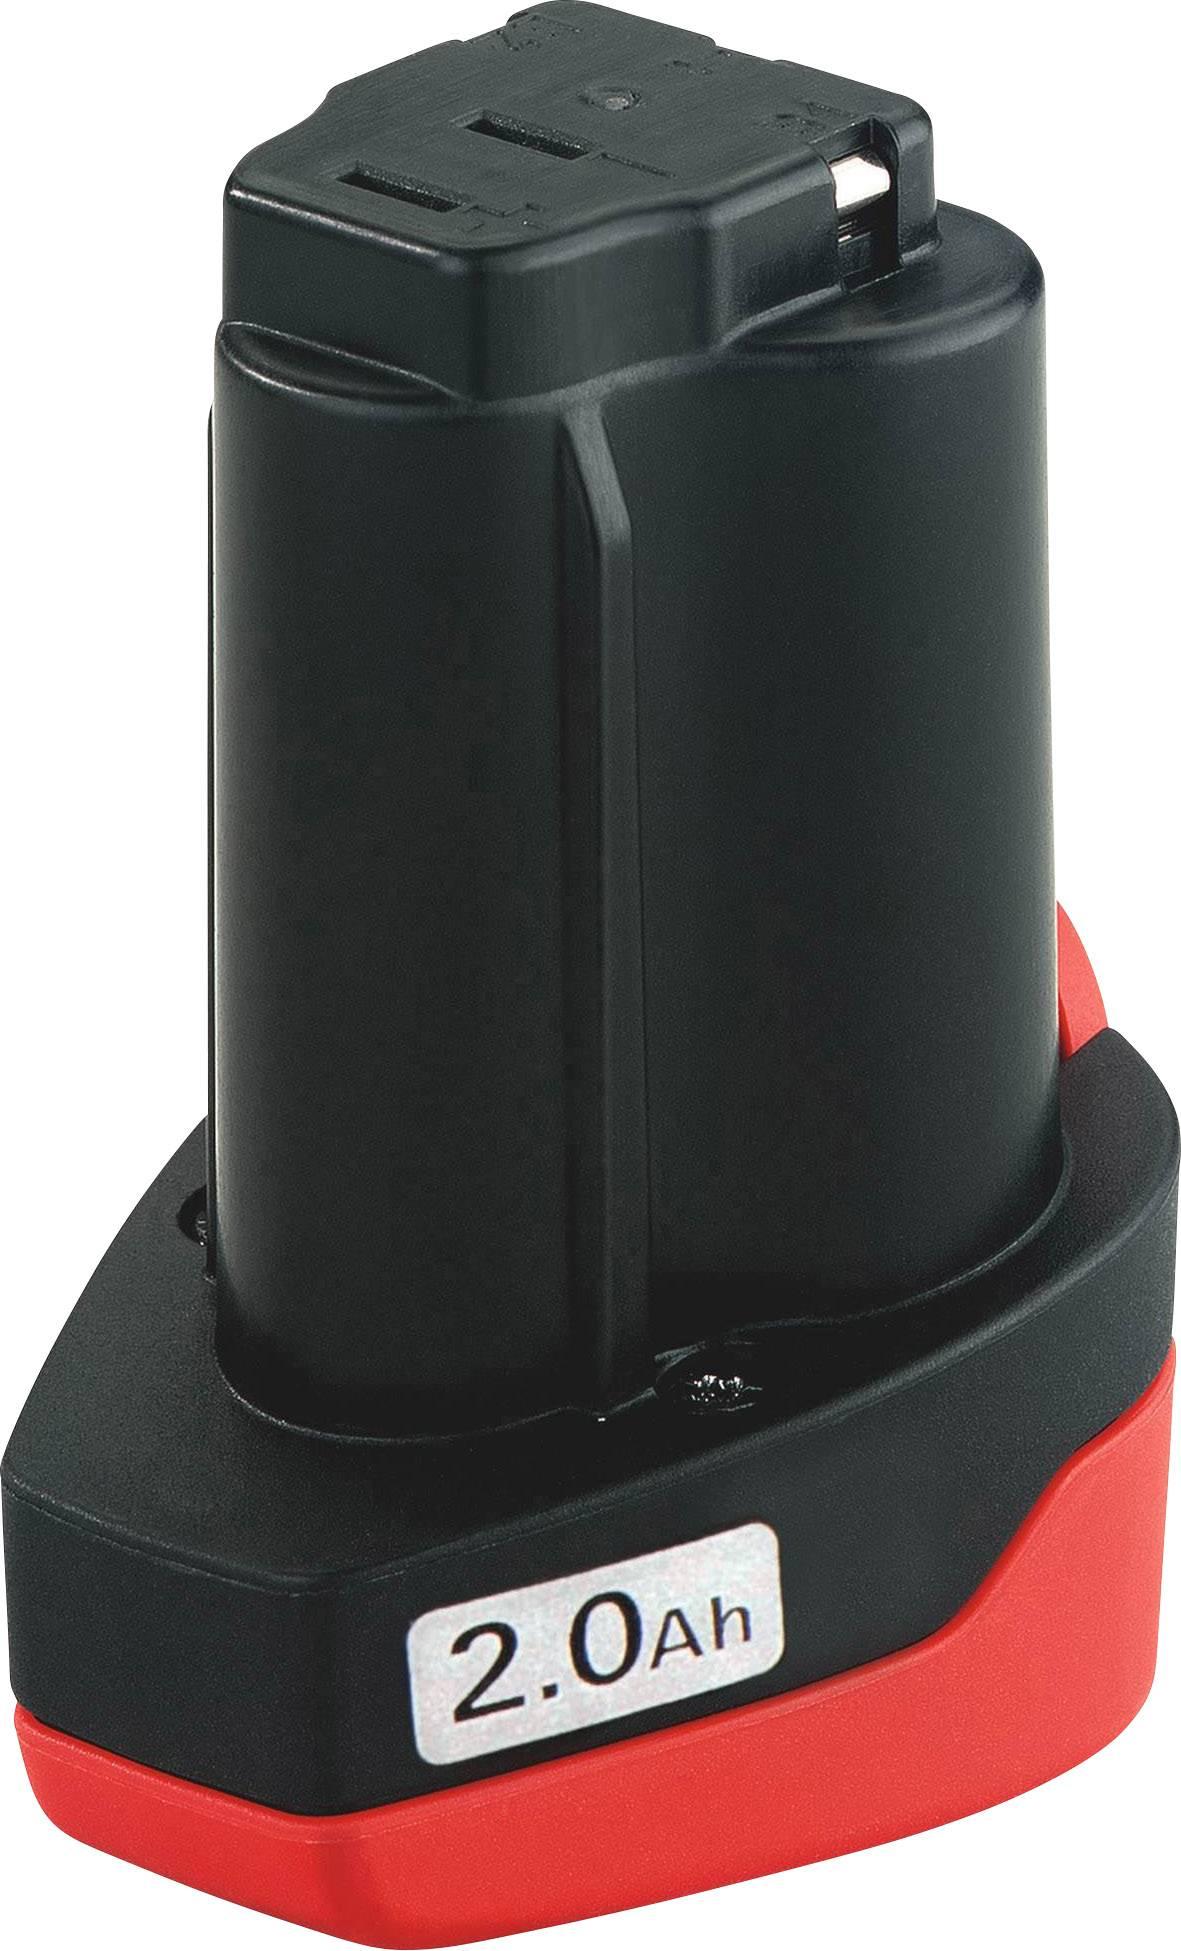 Náhradní akumulátor pro elektrické nářadí, Metabo 625438000, 10.8 V, 2 Ah, Li-Ion akumulátor